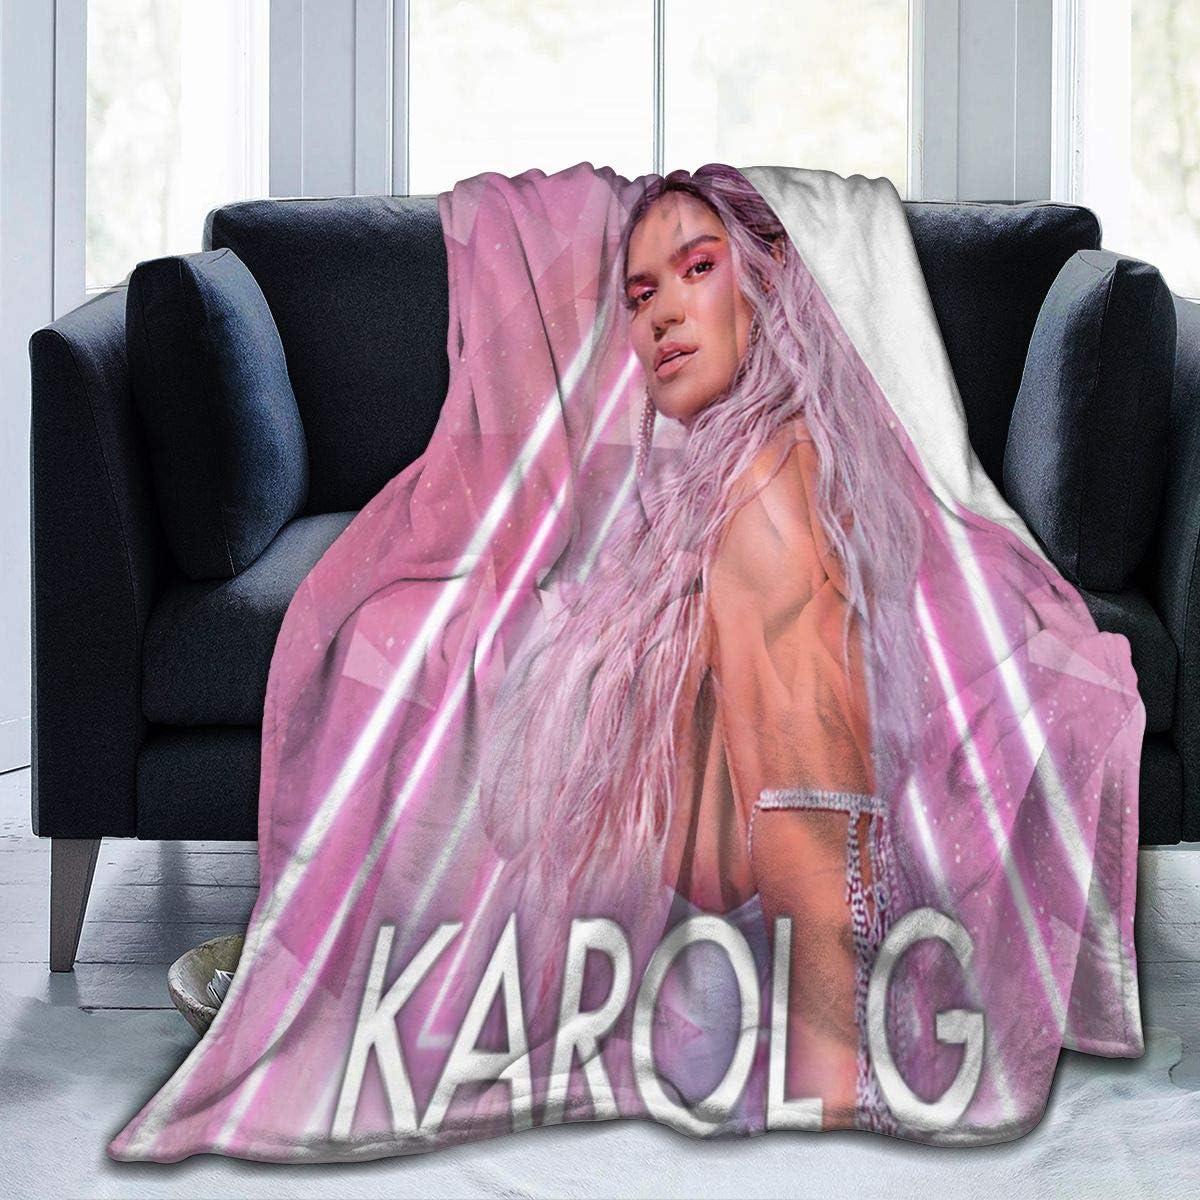 日時指定 18%OFF JimmyLSahao Karol G Fleece Blankets Warm Soft Blan Flannel Super